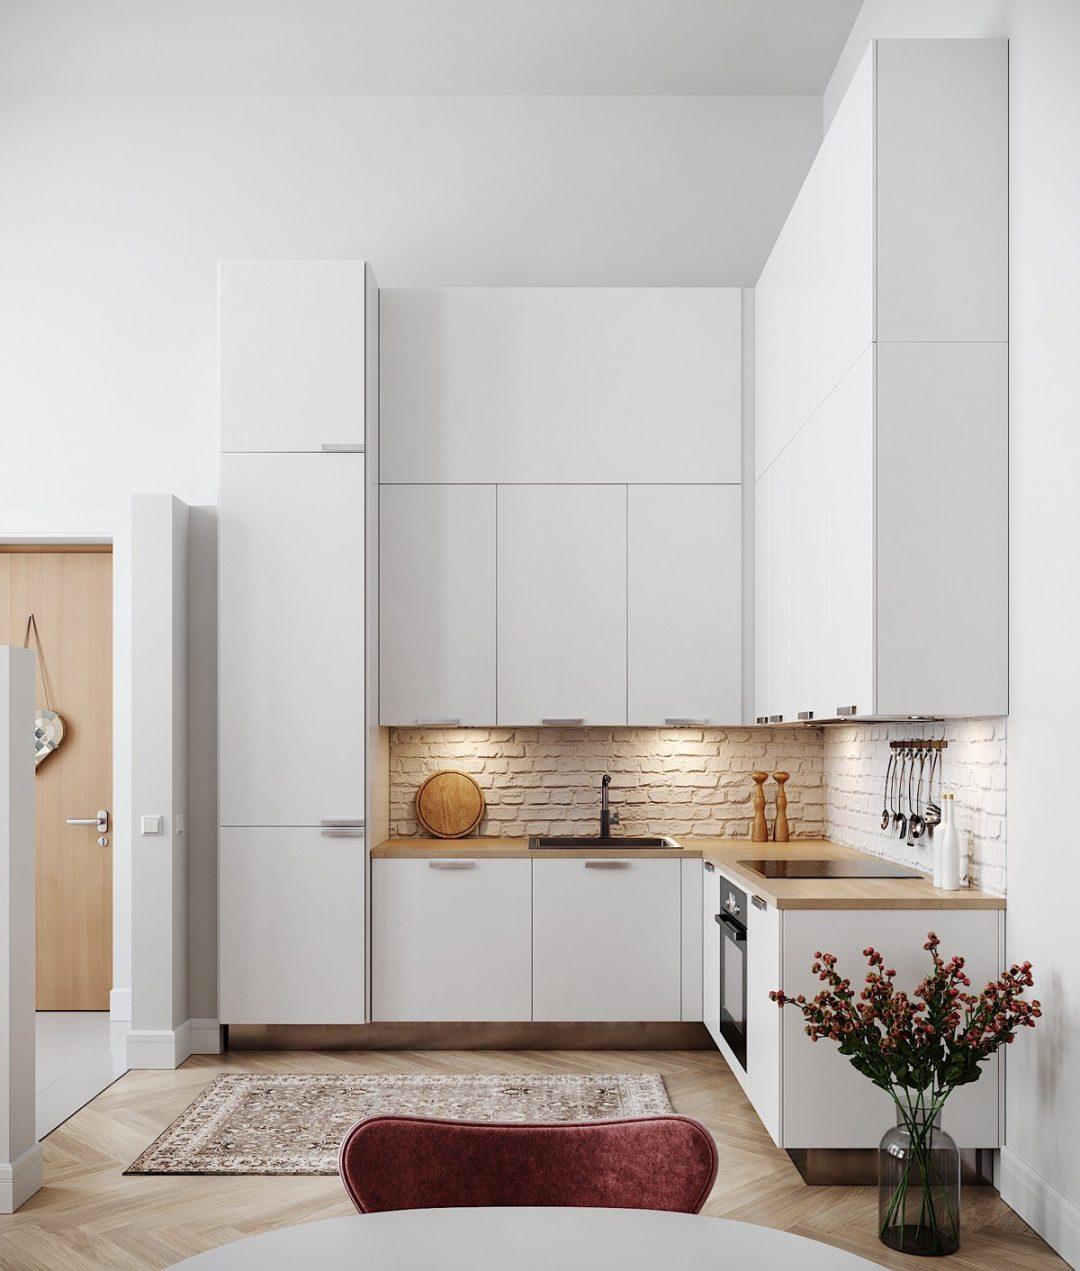 Thiết kế phòng bếp nhỏ đẹp với gam màu trắng trang nhã